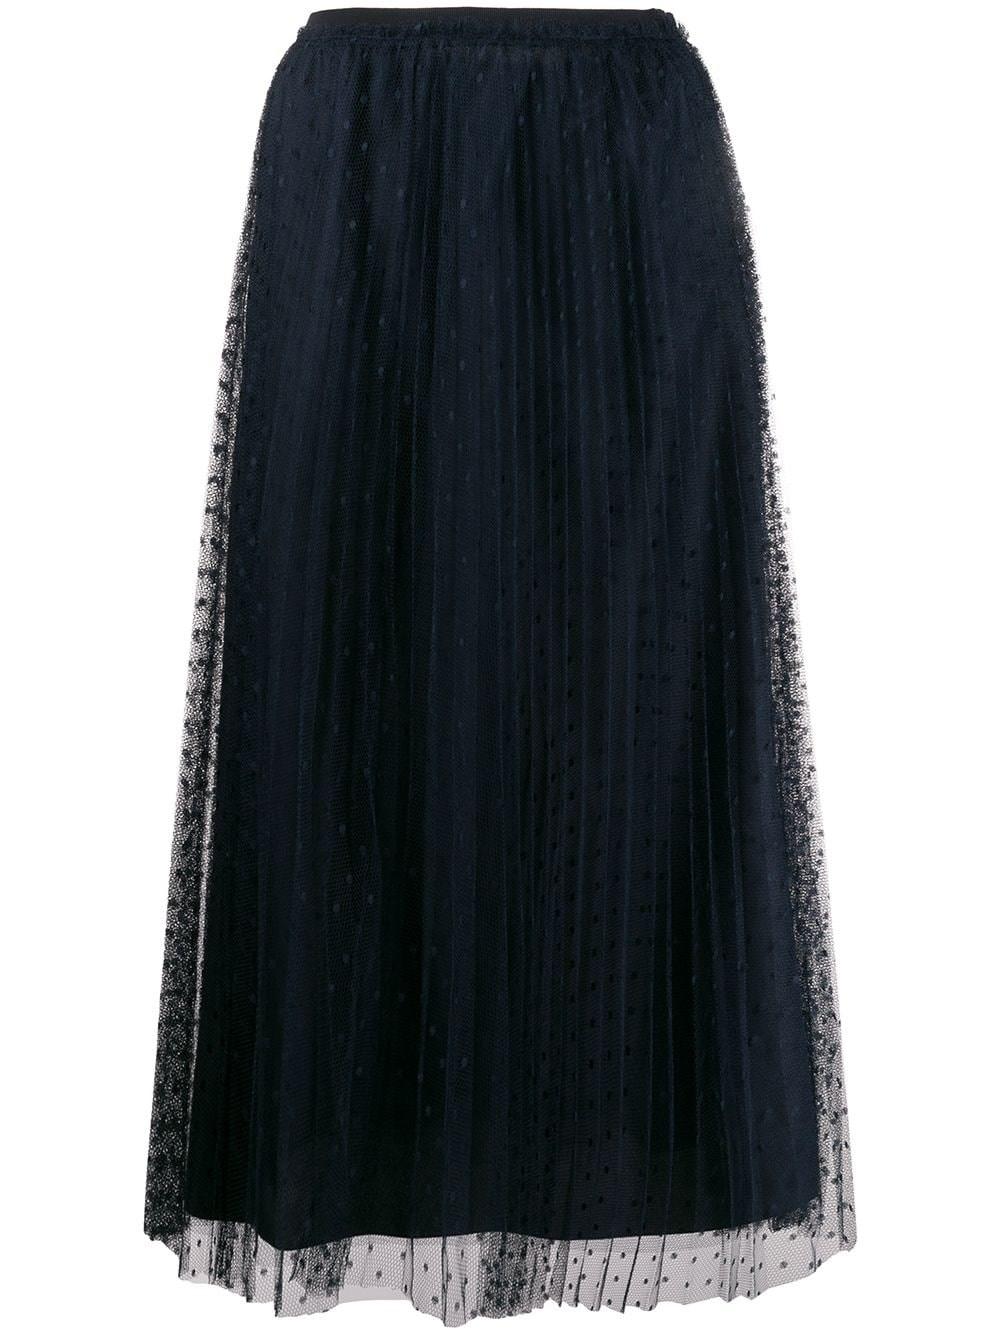 REDVALENTINO Dark Blue Tulle Skirt